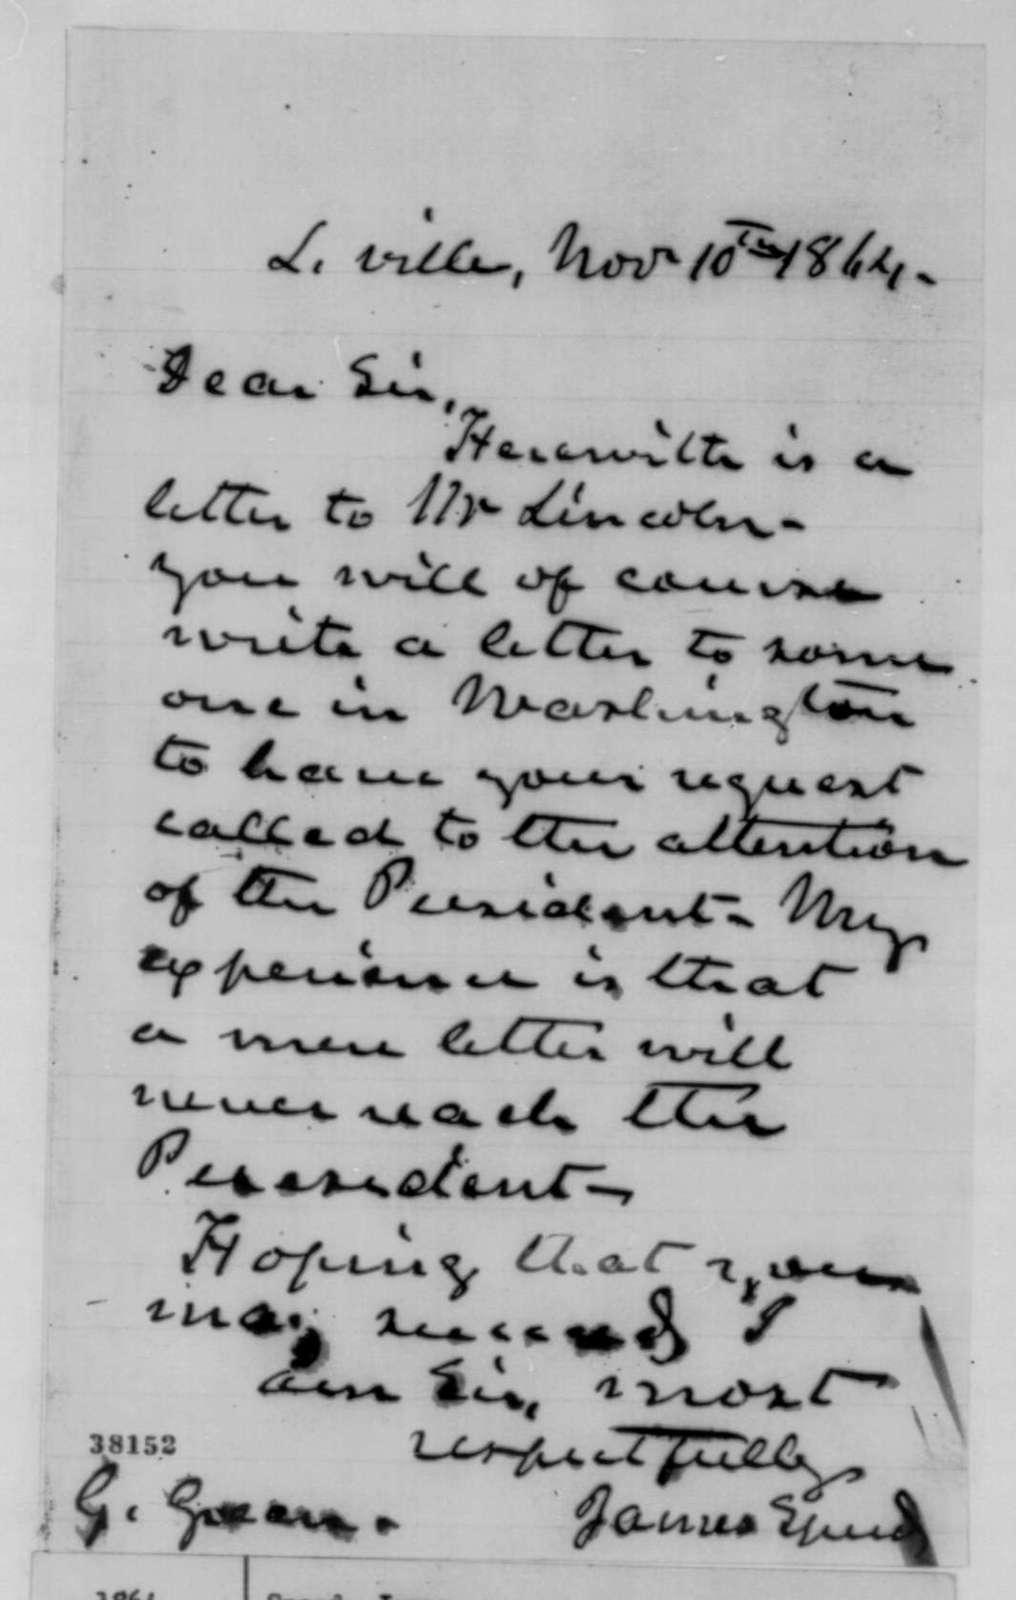 James Speed to Grant Green, Thursday, November 10, 1864  (Cover letter)